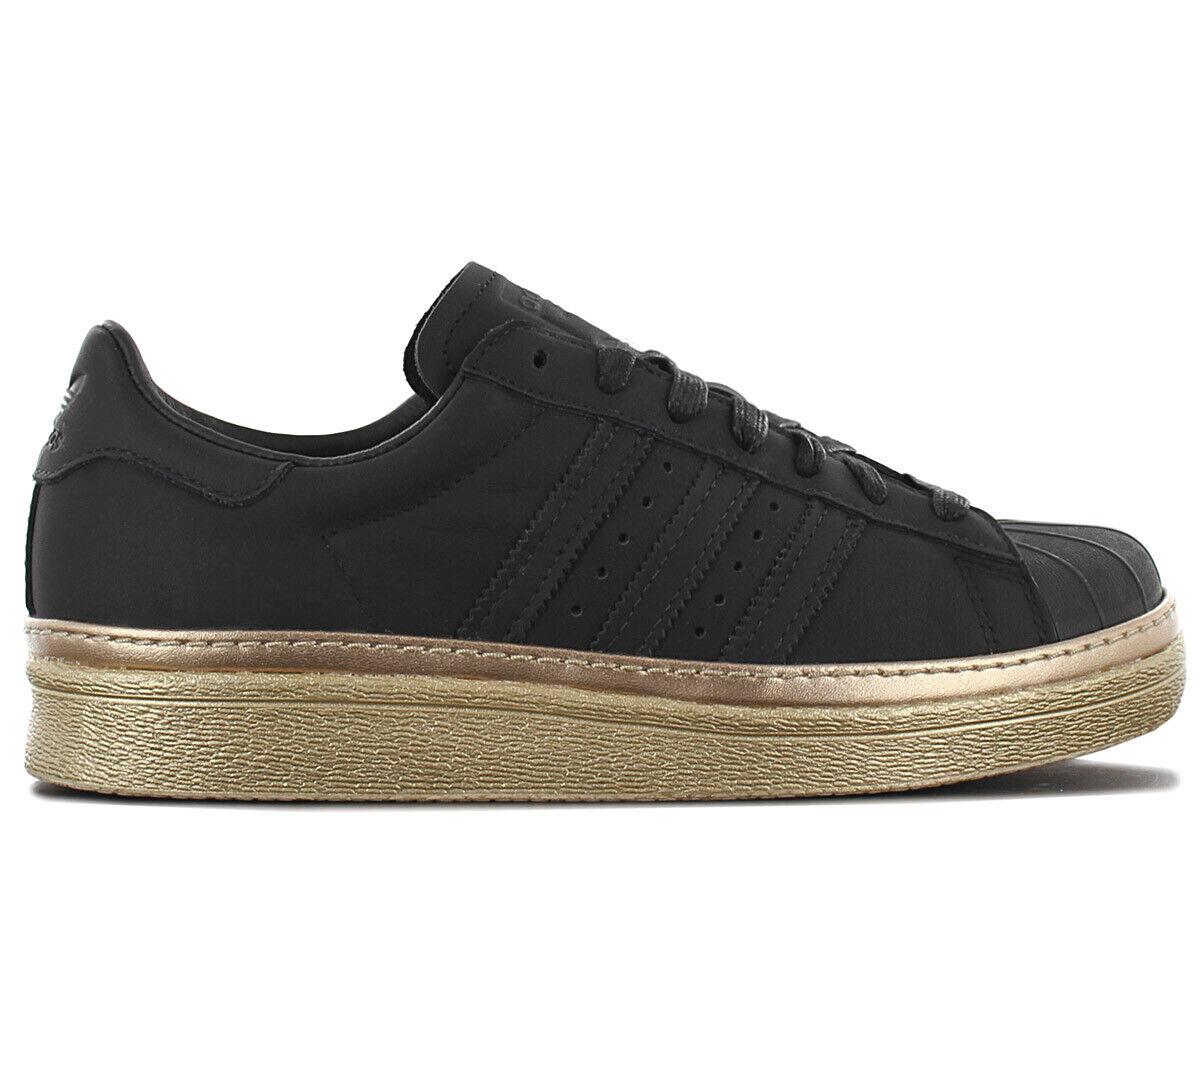 Adidas Originals Superstar 80s New Bold W Damen Turnschuhe B28041 Turnschuhe Schuhe